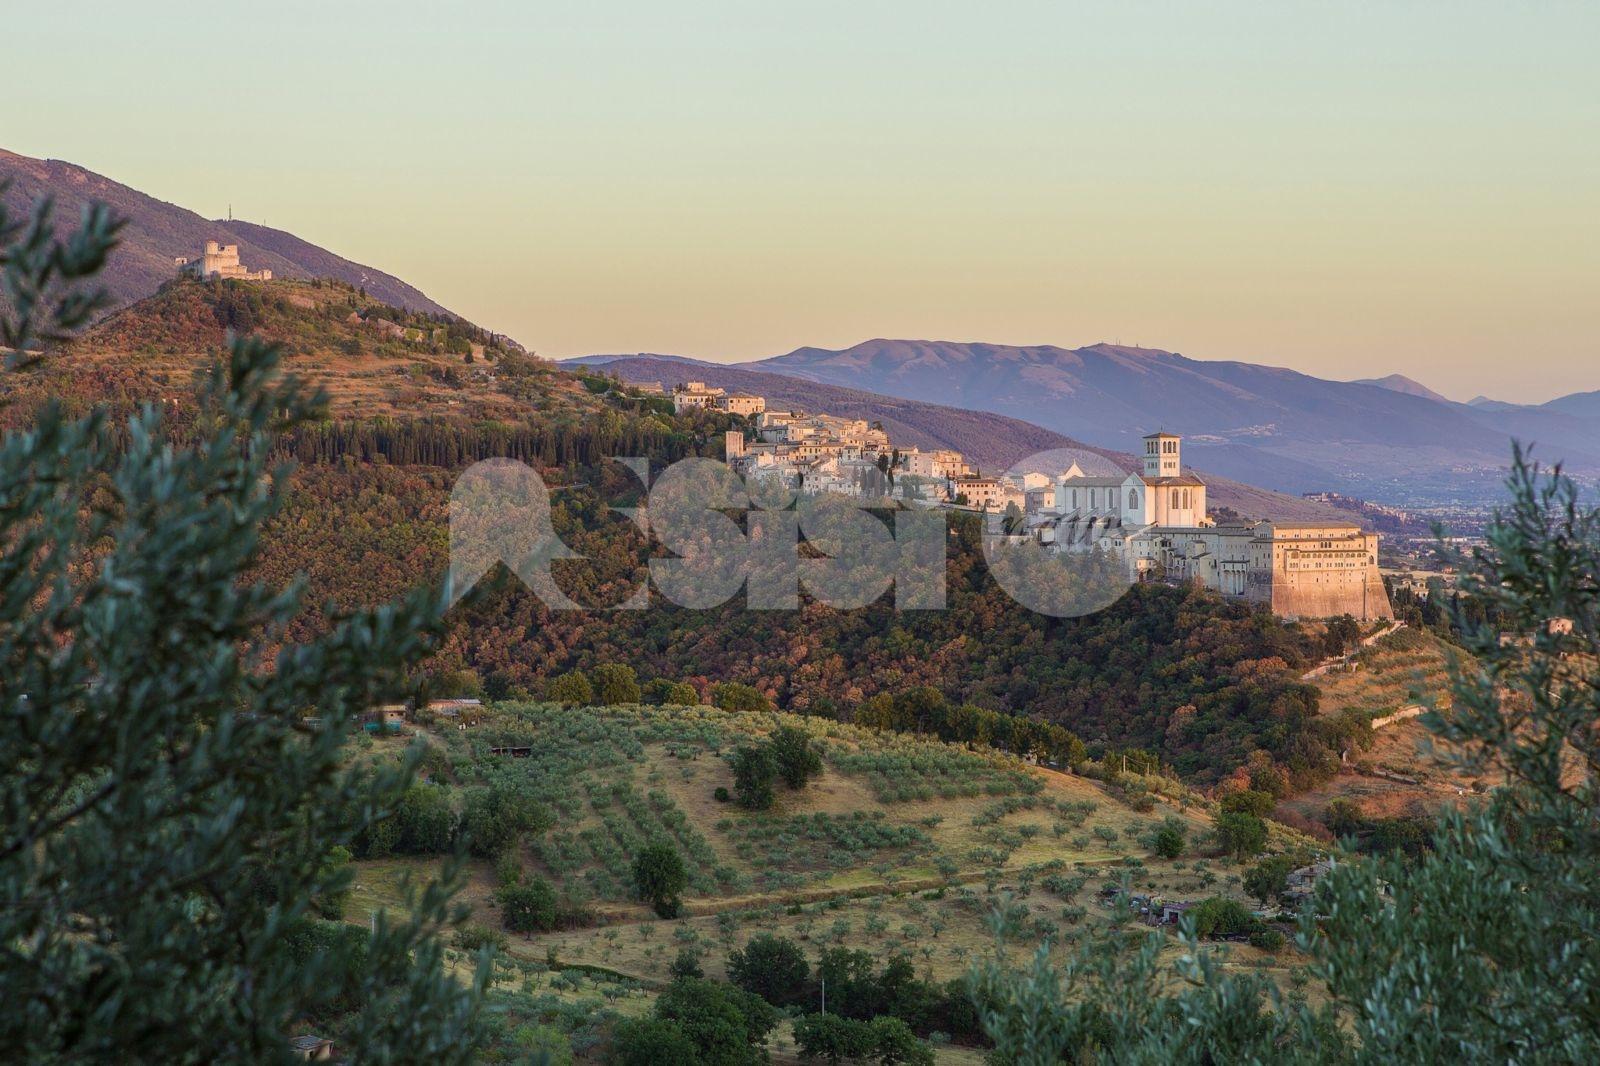 Festa dei circondari 2021, le iniziative in programma ad Assisi sabato 19 e domenica 20